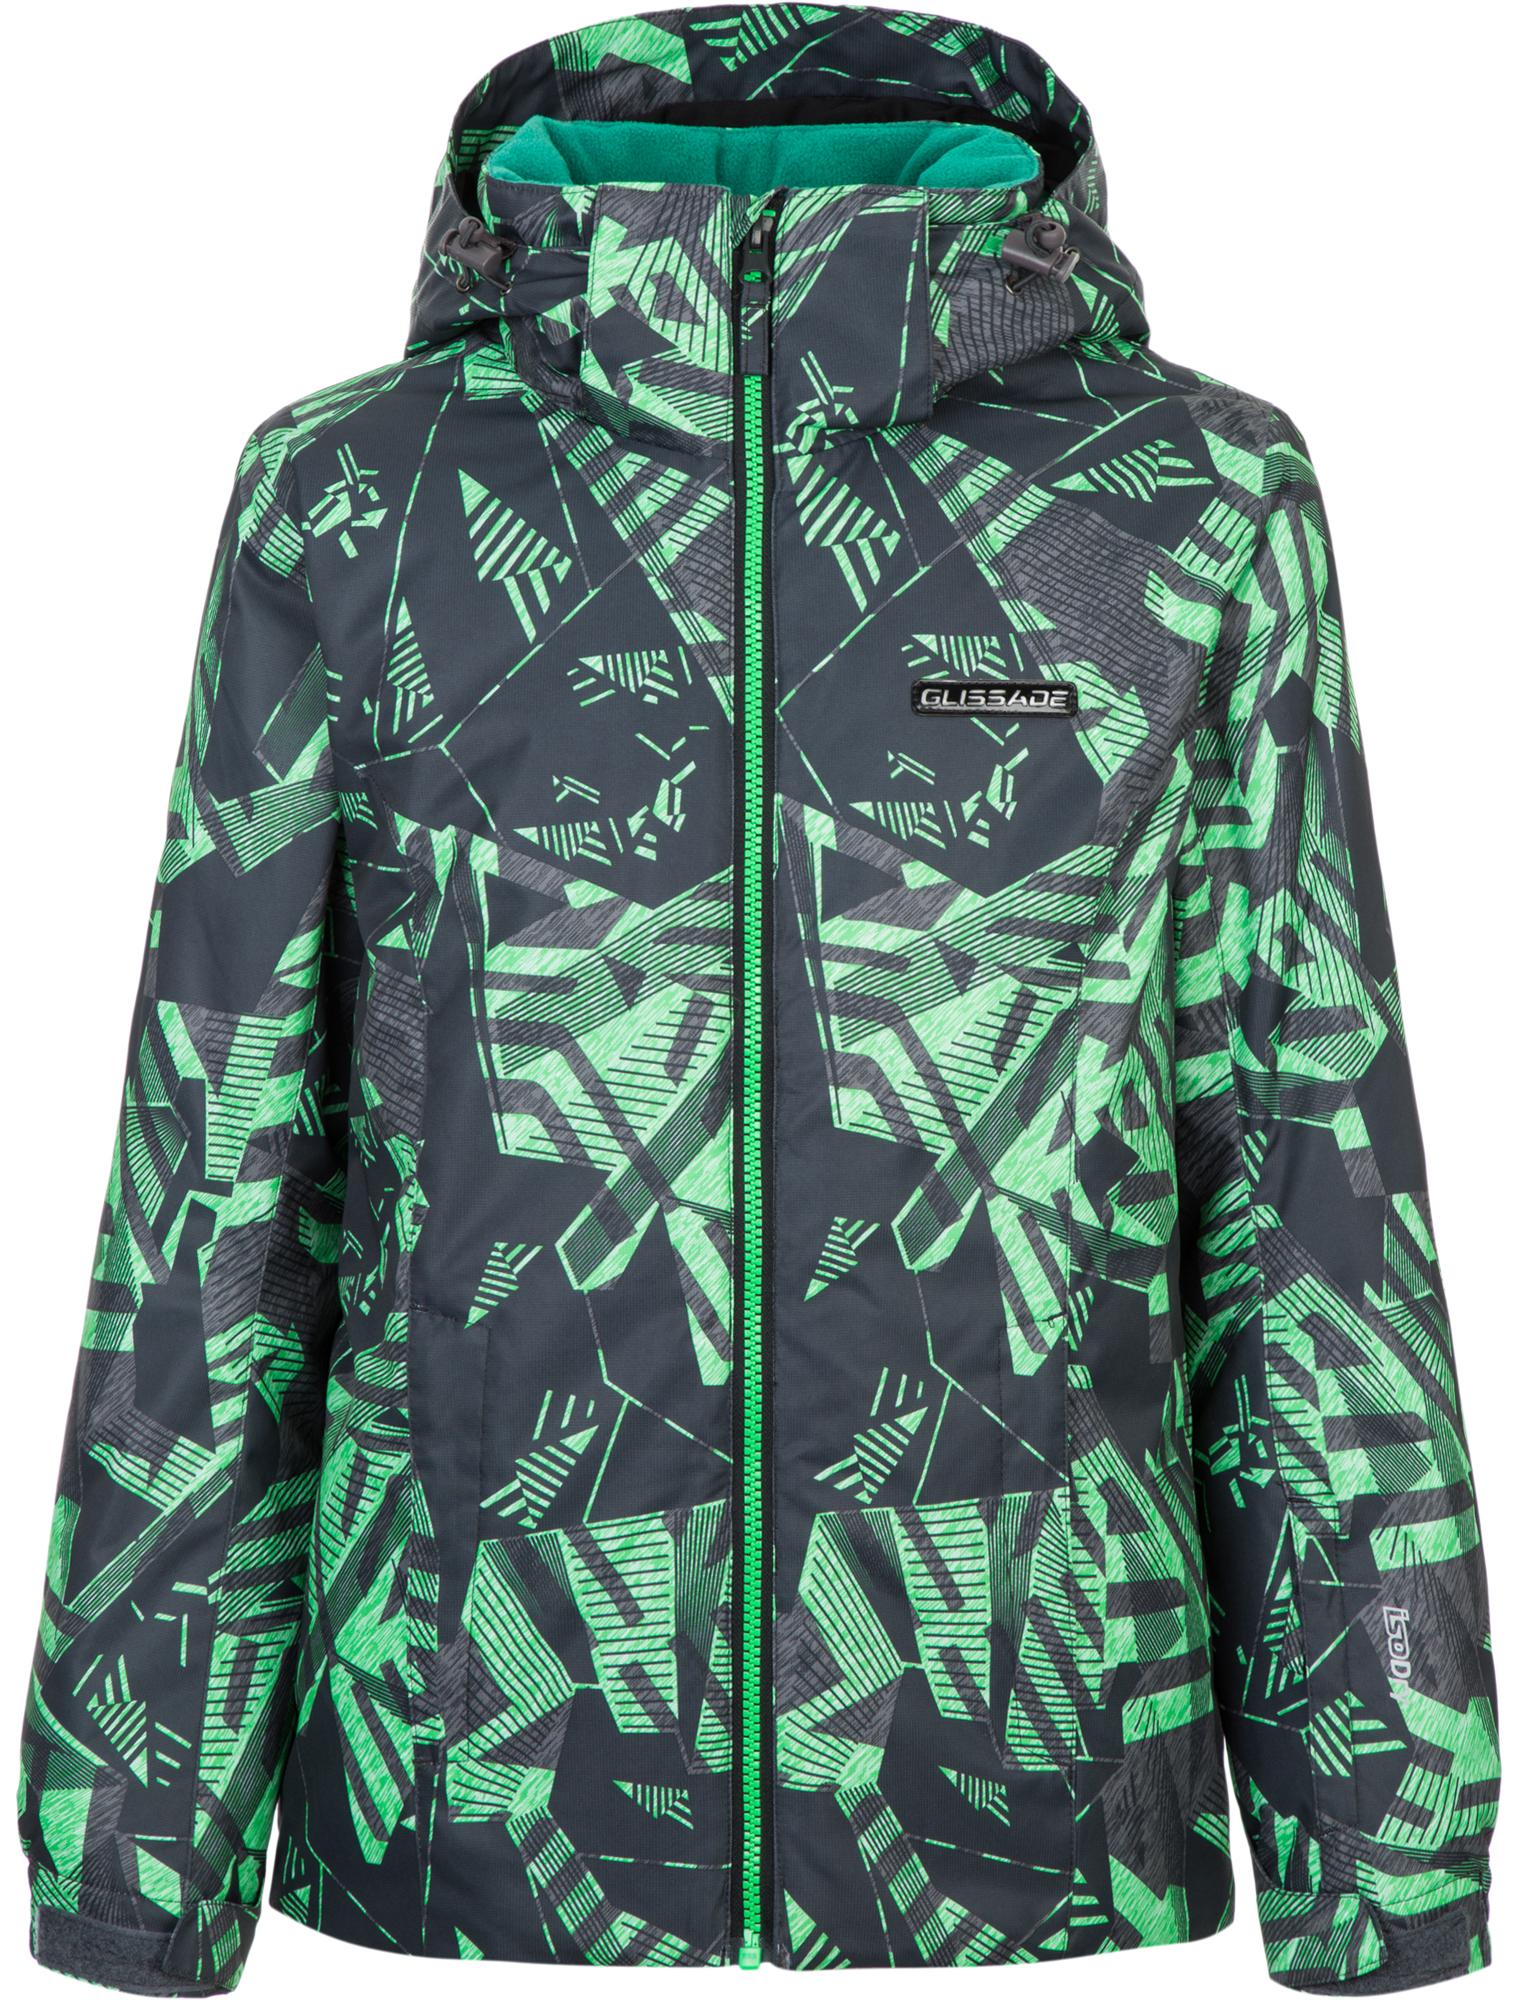 Glissade Куртка утепленная для мальчиков Glissade, размер 170